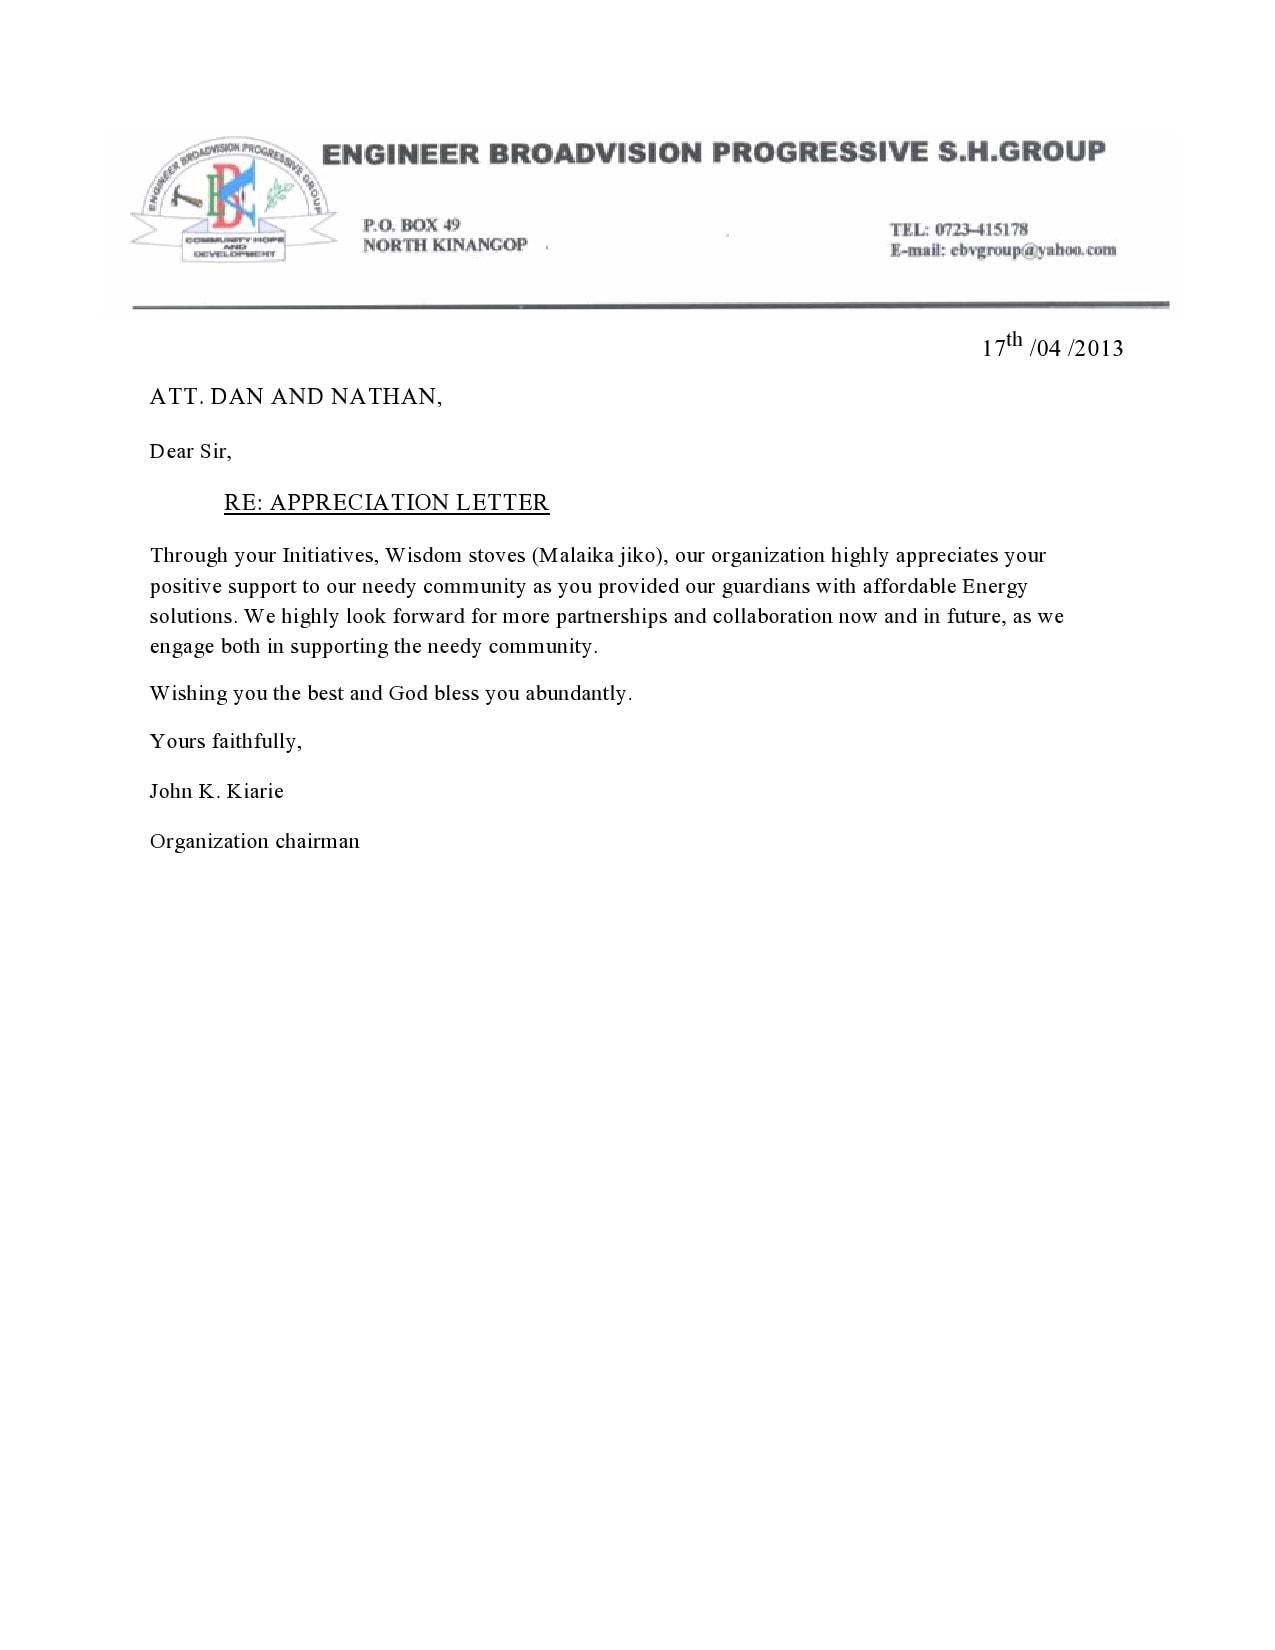 appreciation letter 34